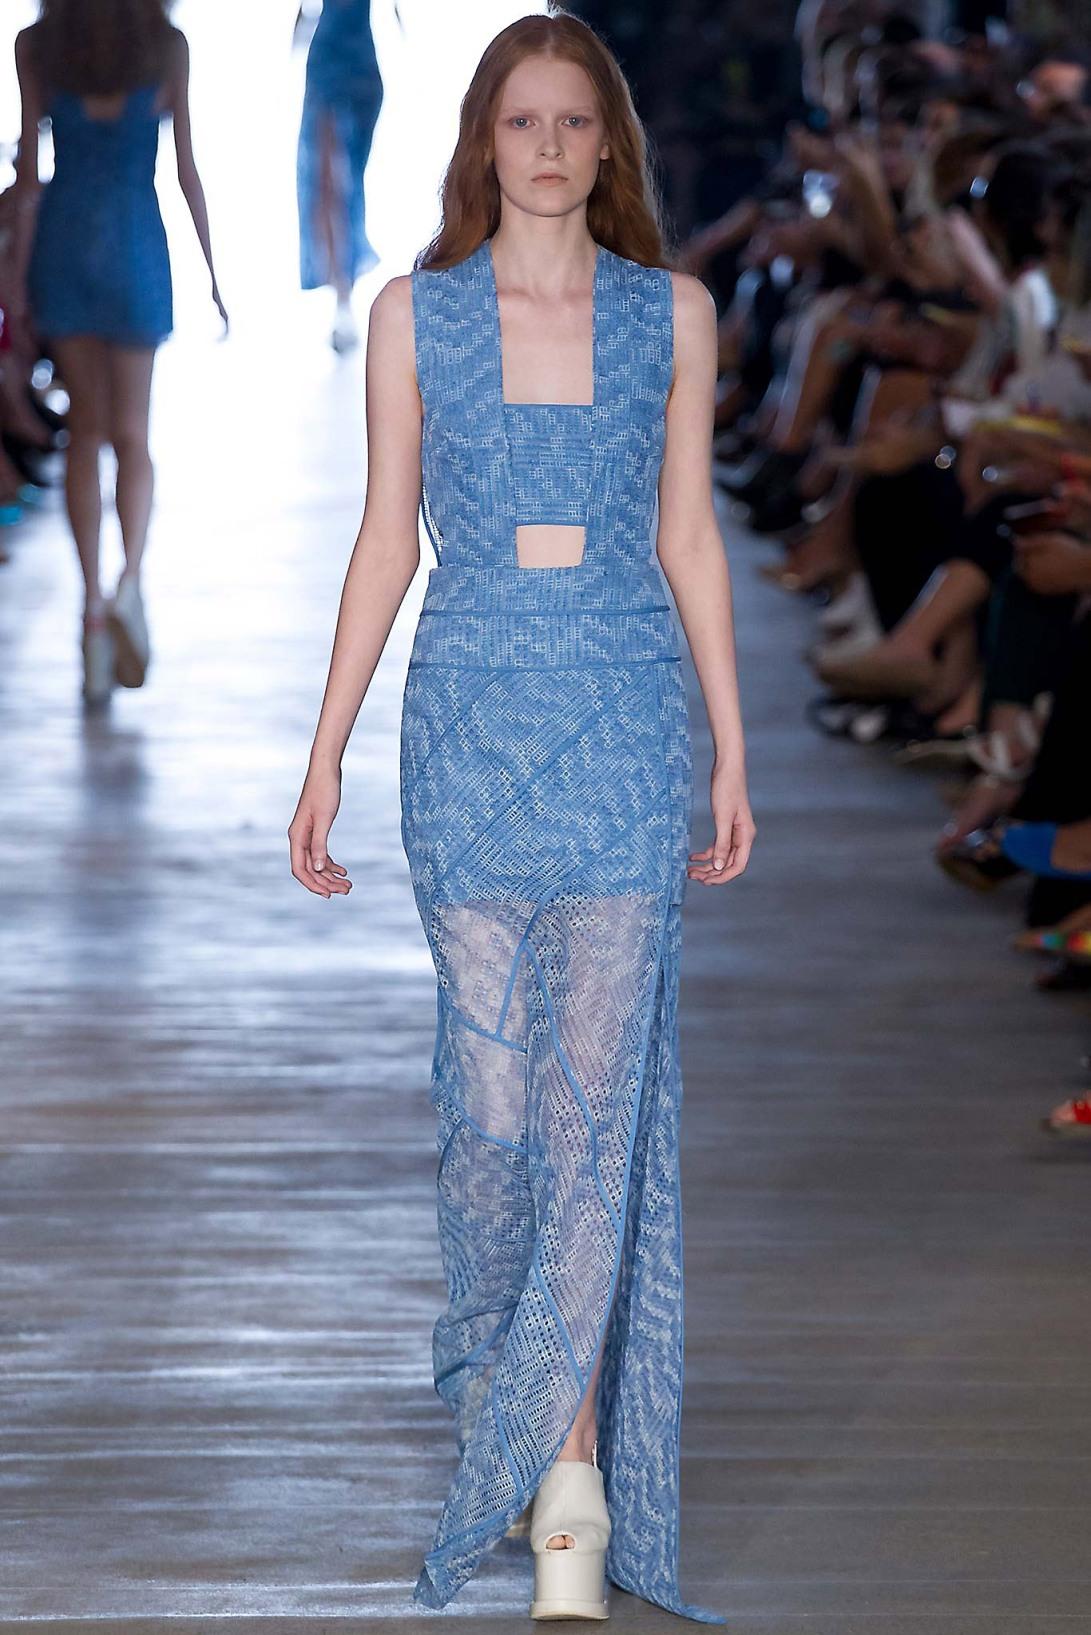 Desfile Giuliana Romanno Verão 2016 Design: Giuliana Romanno e equipe de estilo Modelagens: Christian Monteiro São Paulo Fahion Week - 16/04/2015